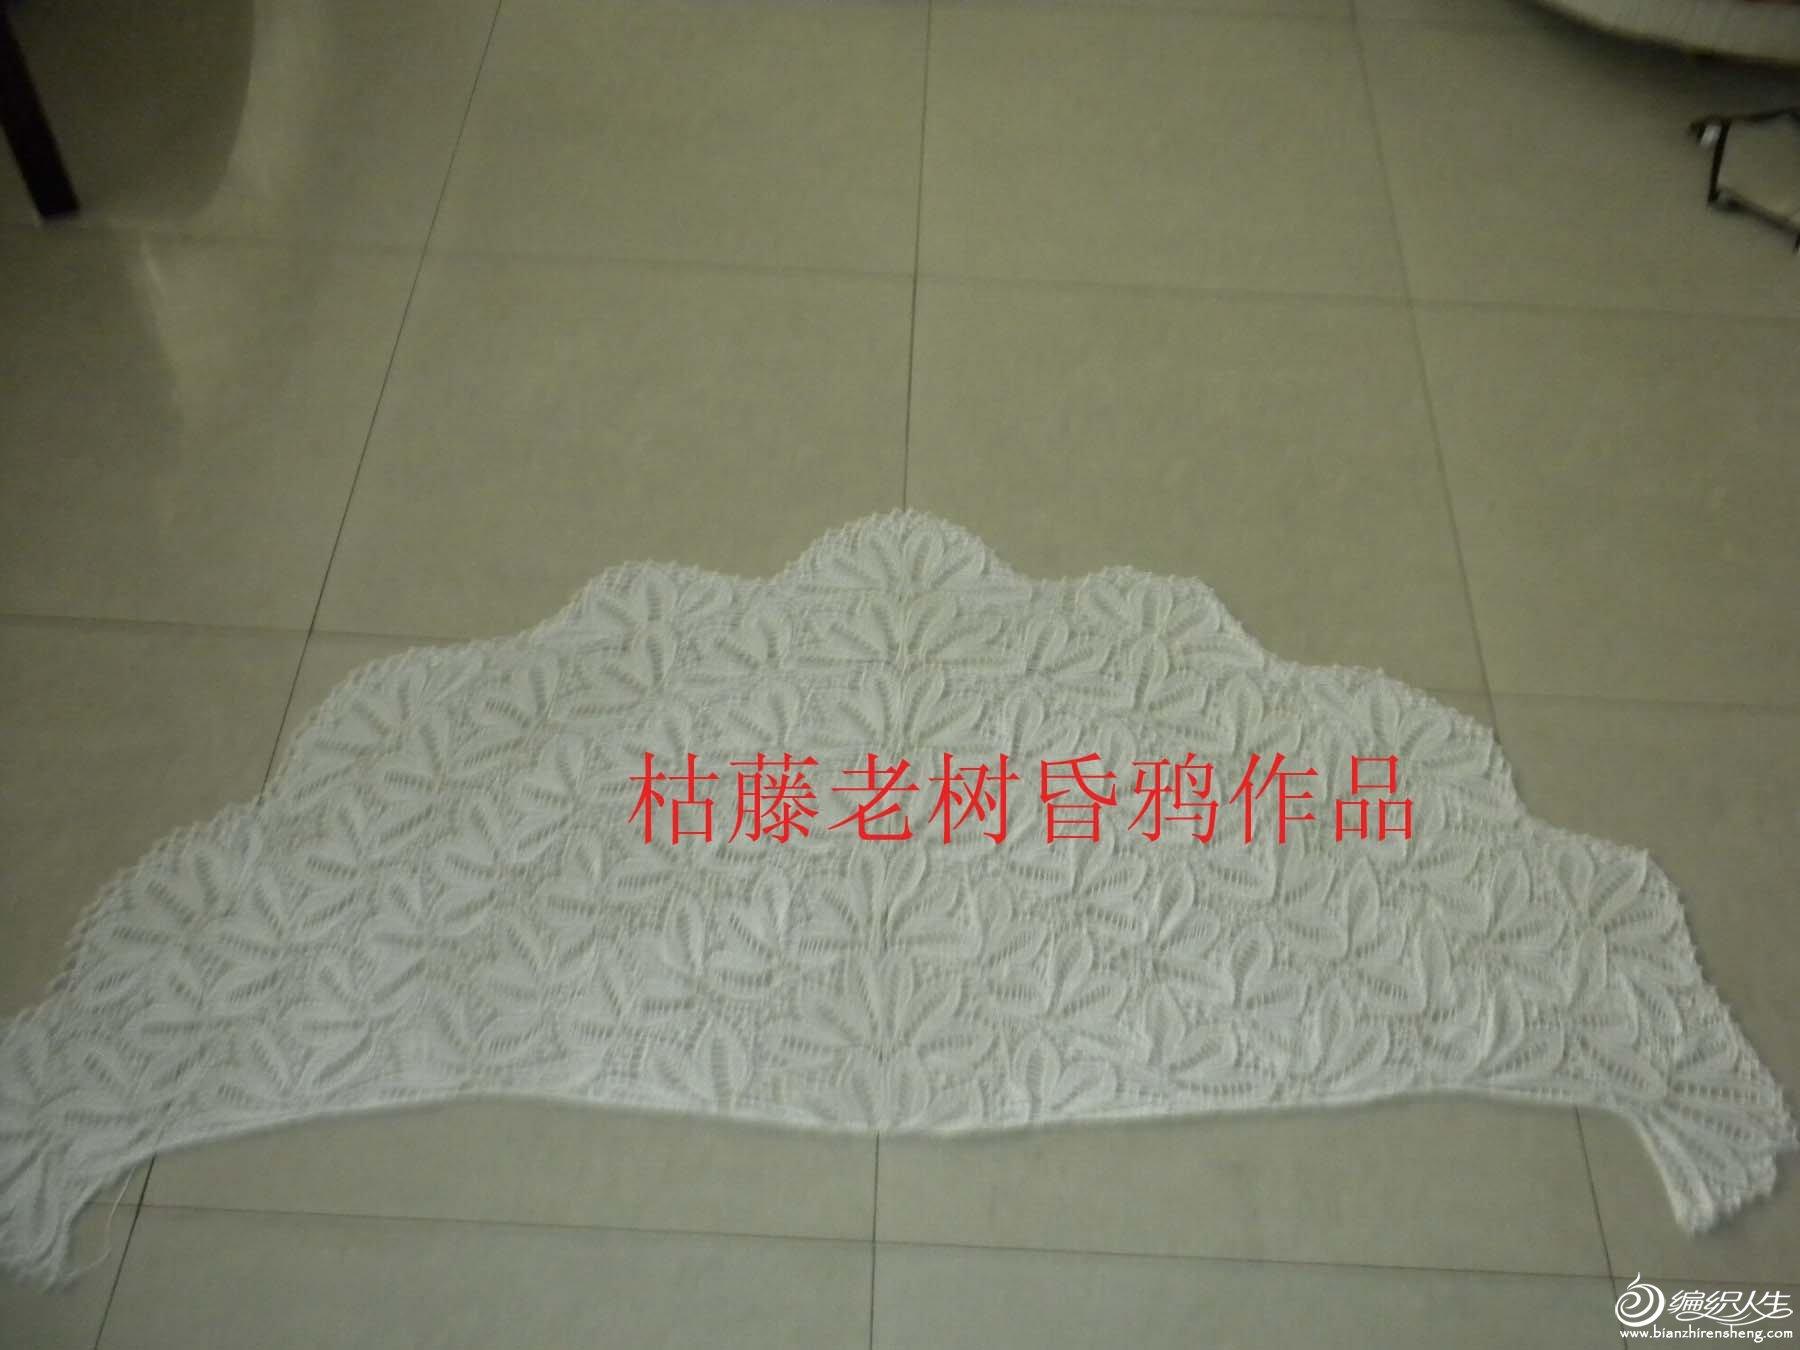 ��2.jpg